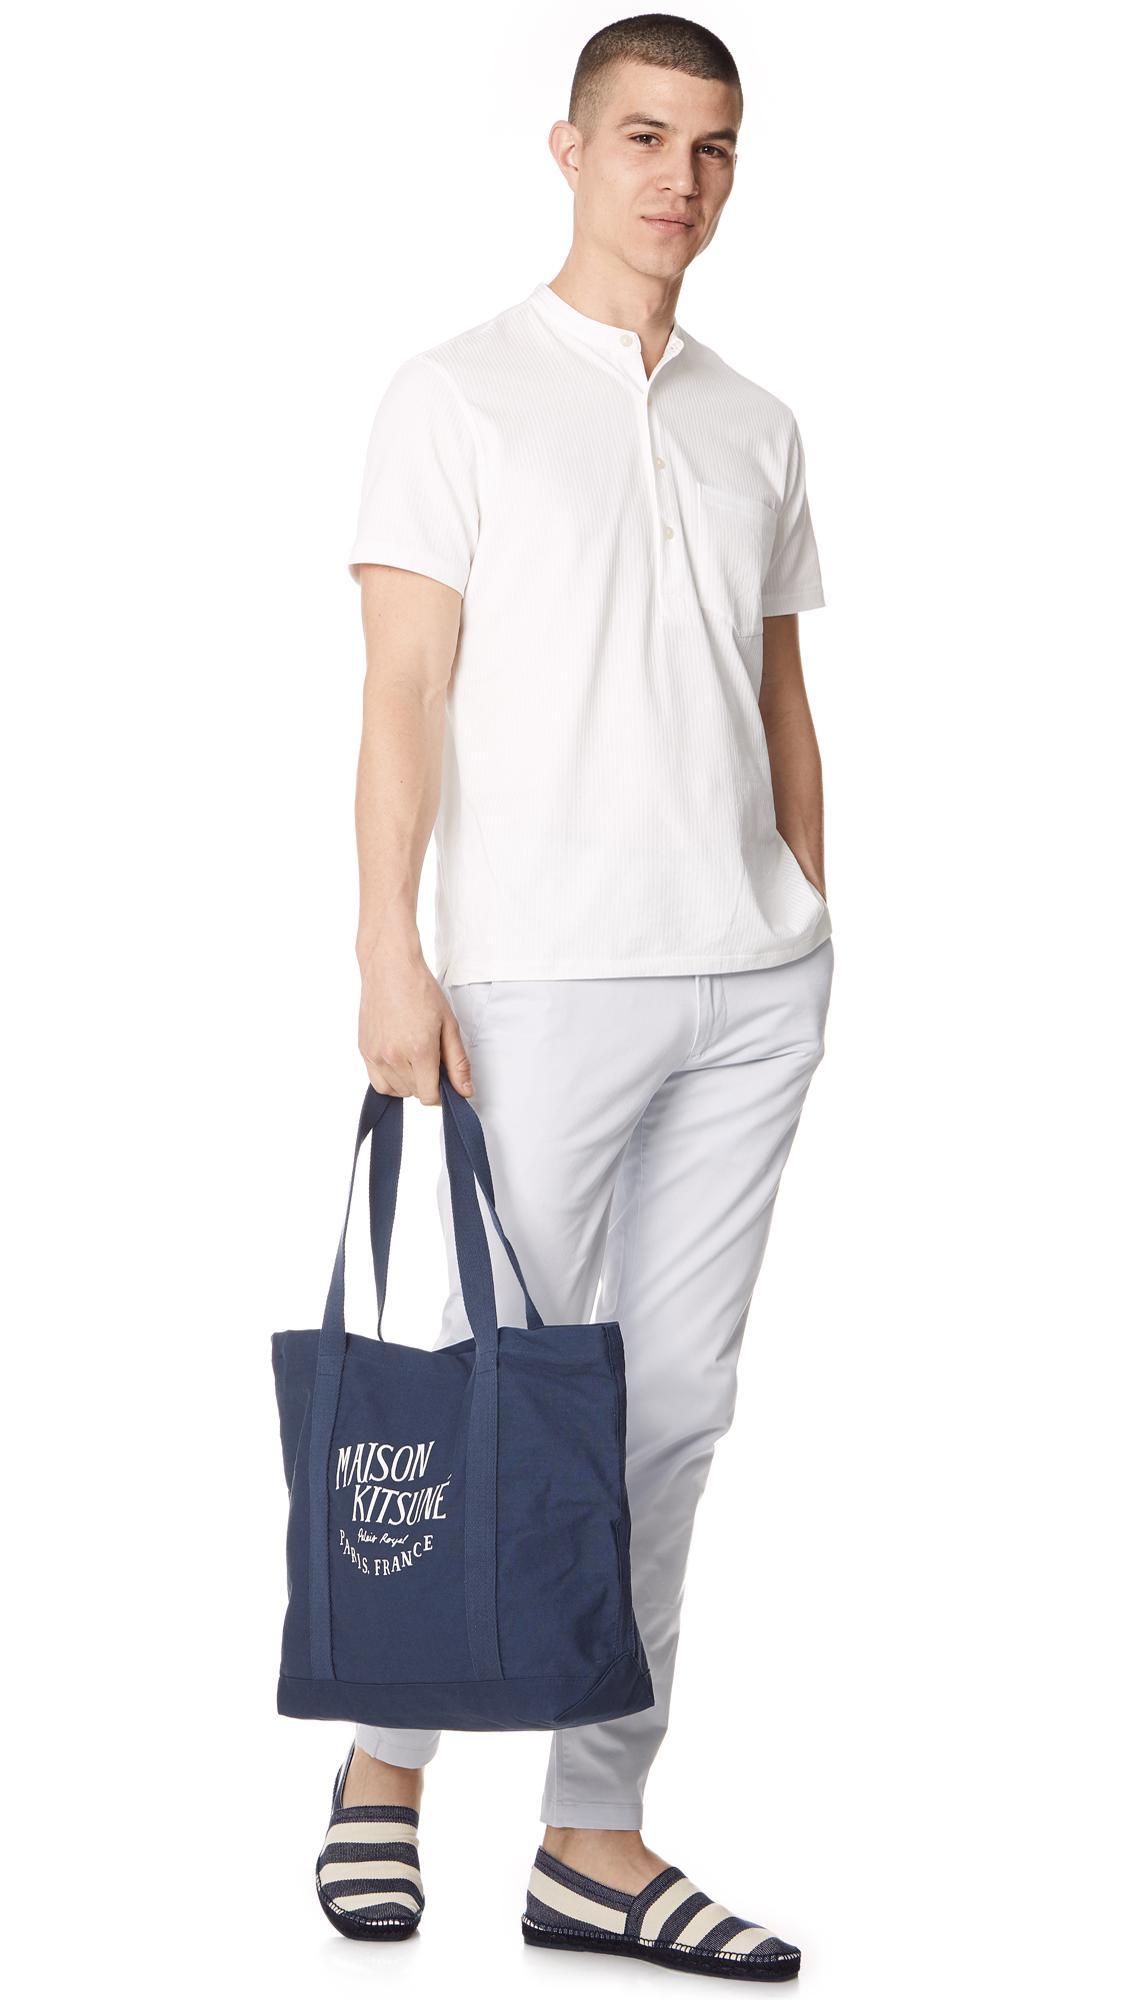 Maison Kitsuné Canvas Palais Royale Tote Bag in Blue for Men